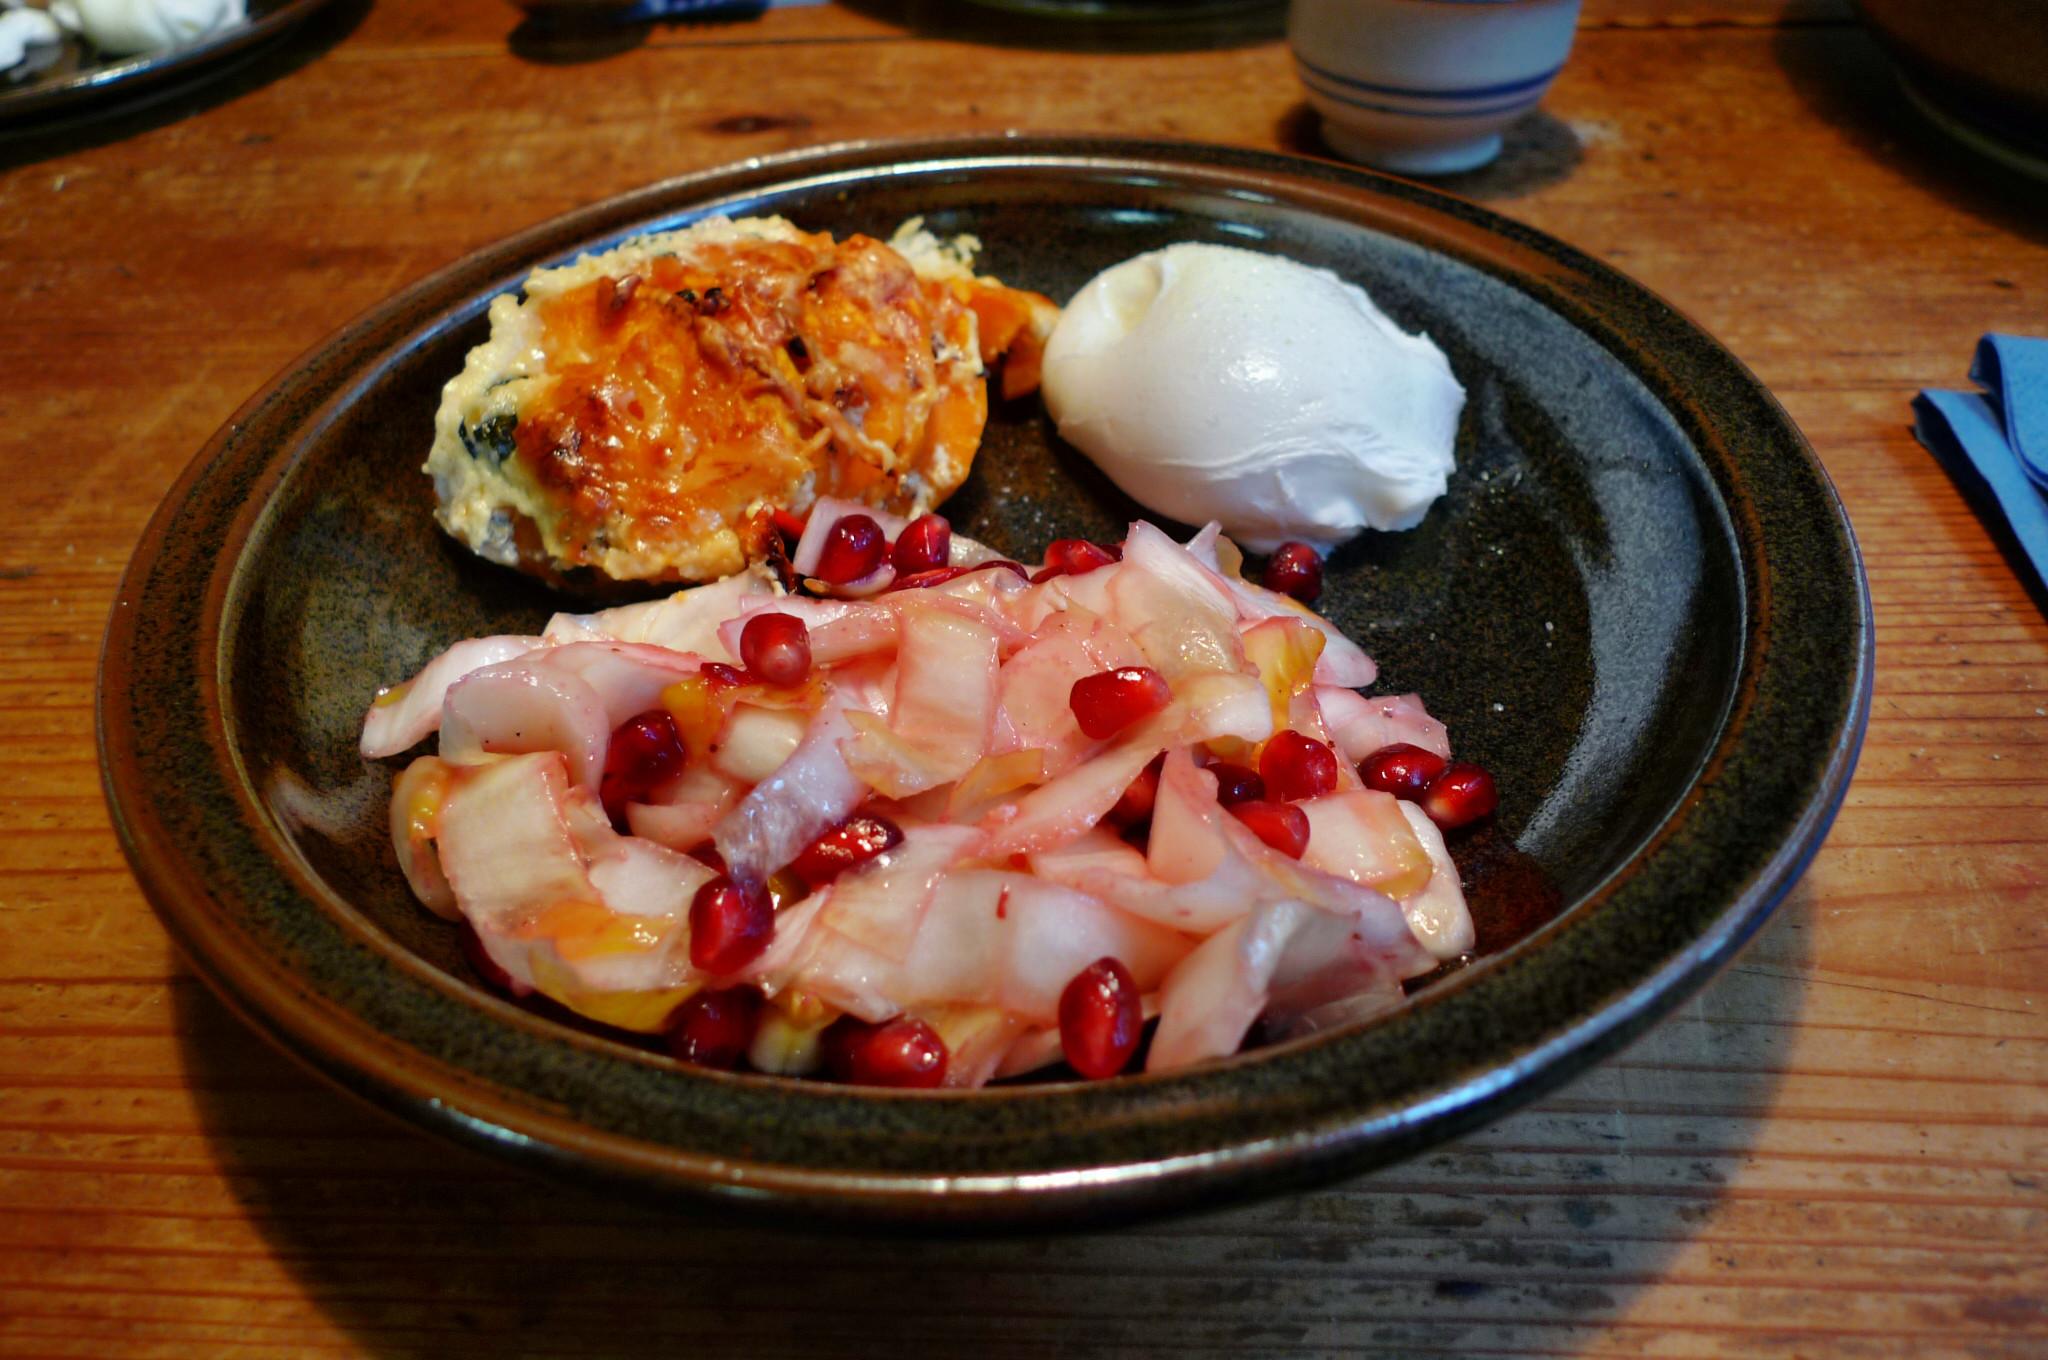 Süßkartoffelgratin,Chicoreesalat,pochierte Eier - 17.12.14   (20)